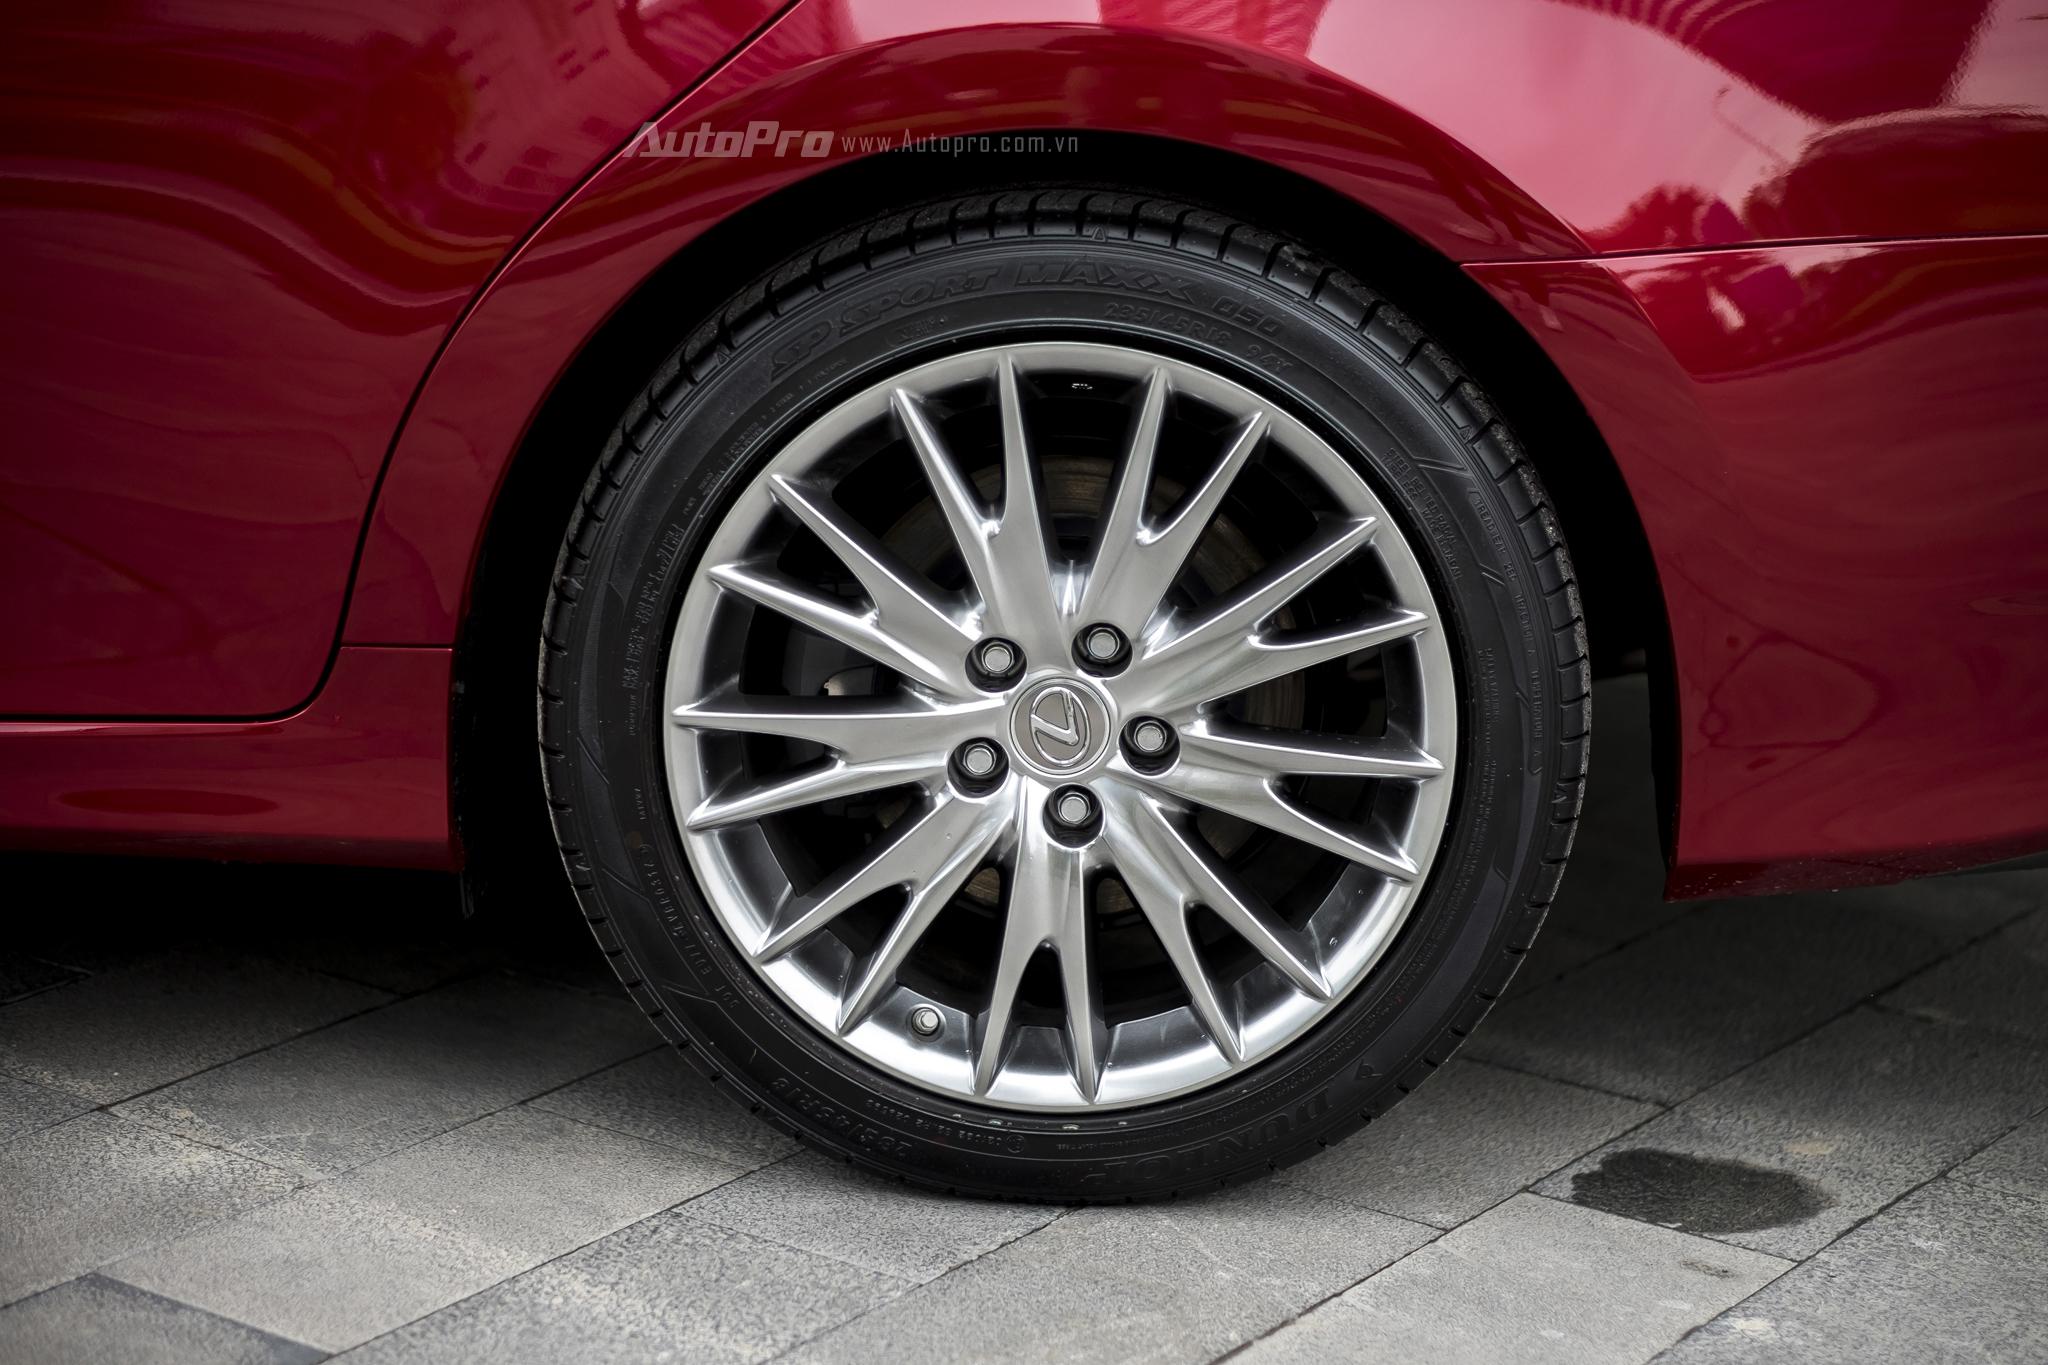 Và để đảm bảo an toàn, Lexus GS200t được trang bị đầy đủ các tính năng như hệ thống theo dõi cảnh báo áp suất lốp (TPMS), cảnh báo điểm mù (BSM) và điều khiển khởi động (Drive Start Control). Các tính năng an toàn chủ động khác vẫn được trang bị trên xe, bao gồm hệ thống hỗ trợ khởi hành ngang dốc (HAS), kiểm soát lực kéo (TRC), ổn định thân xe (VSC), chống bó cứng phanh đa địa hình (ABS), phân phối lực phanh điện tử (EBD), hỗ trợ lực phanh khẩn cấp (BA), kiểm soát lực bám đường (TRAC) và kiểm soát hành trình (Cruise Control).